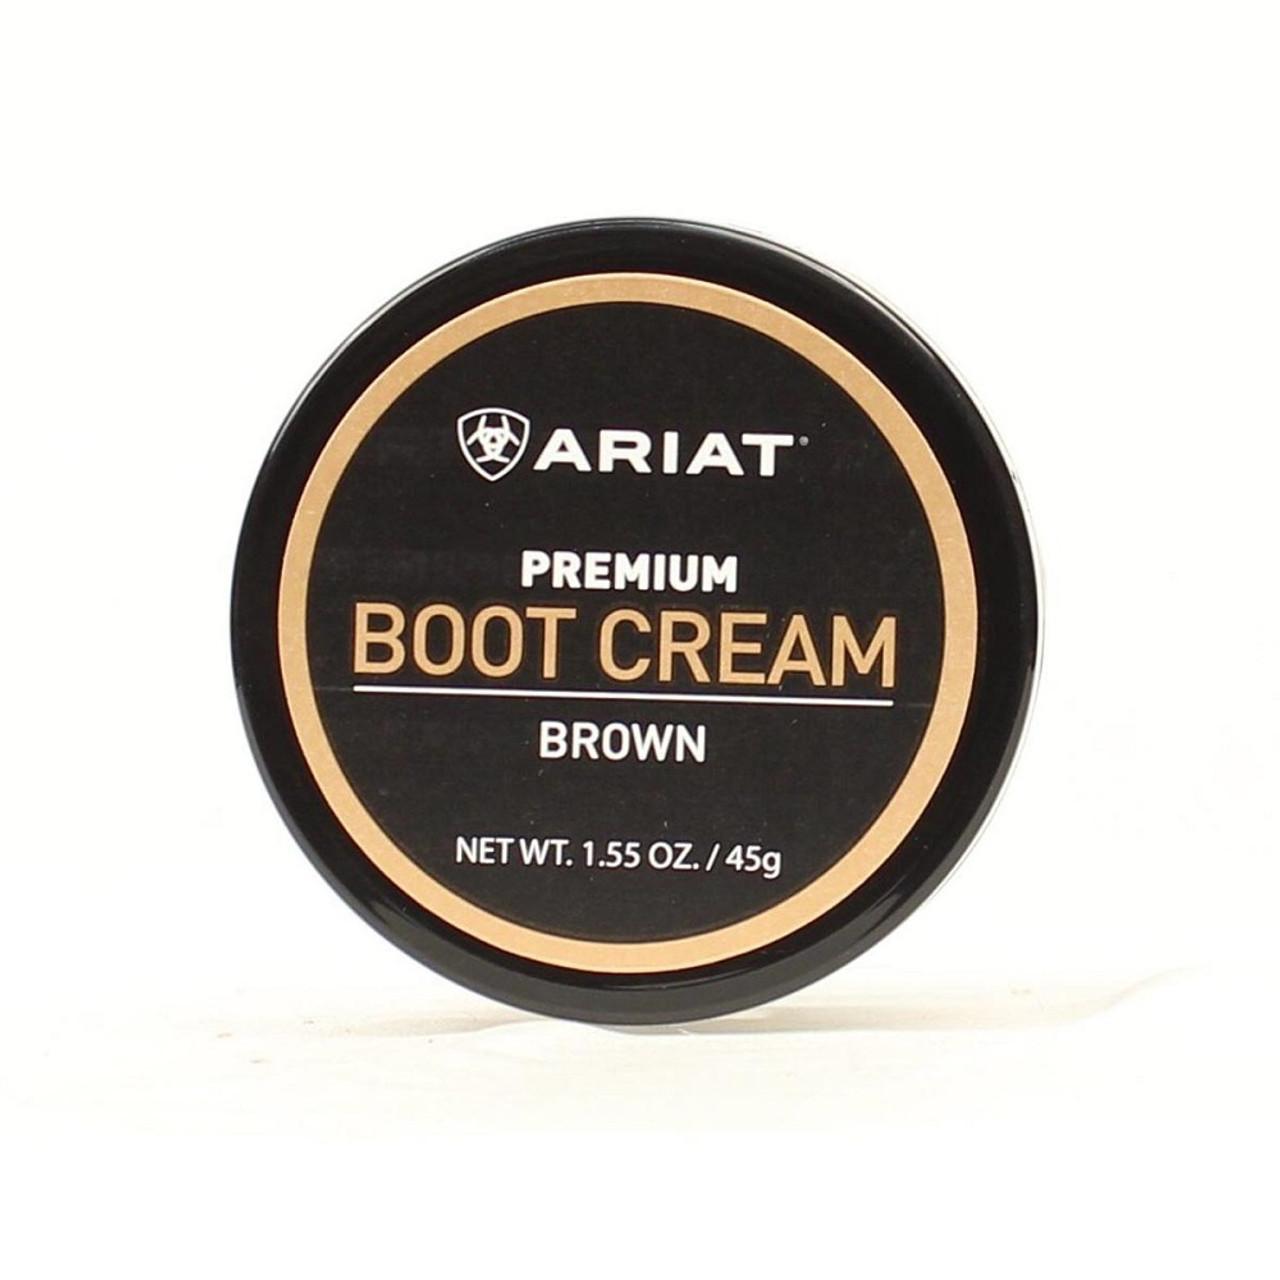 Ariat Premium Boot Cream